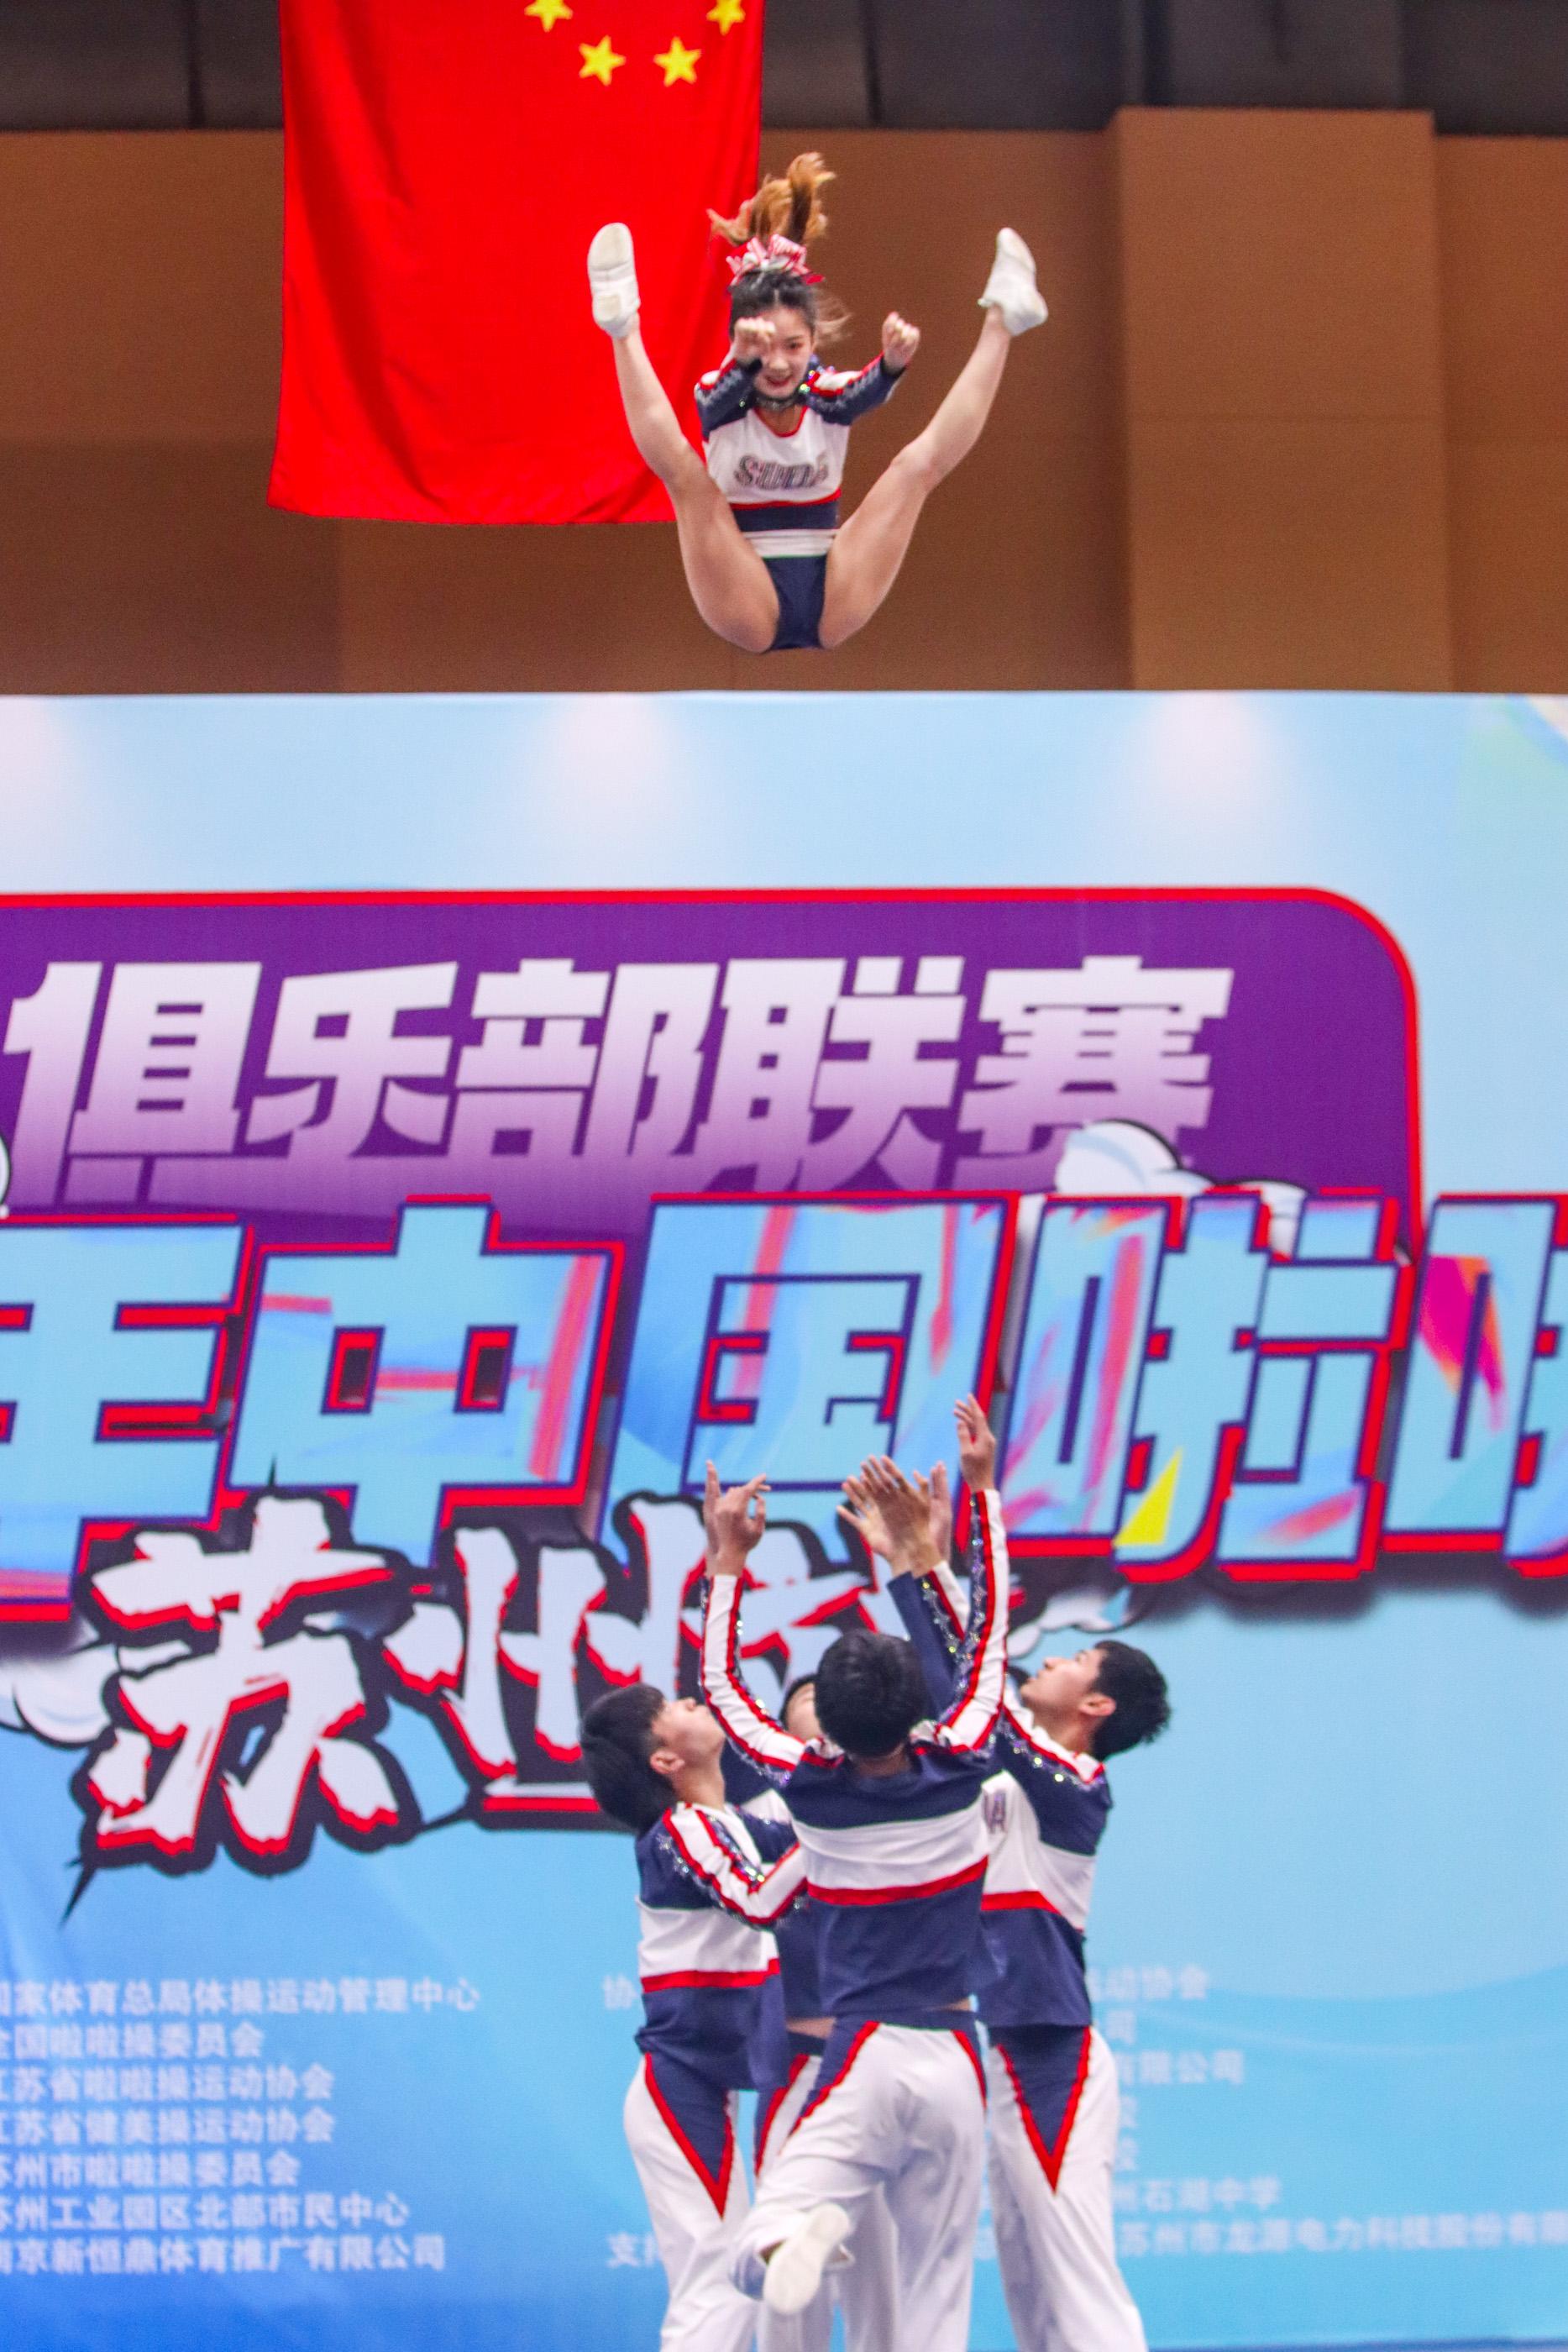 2021年首站中国啦啦操俱乐部联赛于苏州圆满落幕插图(4)